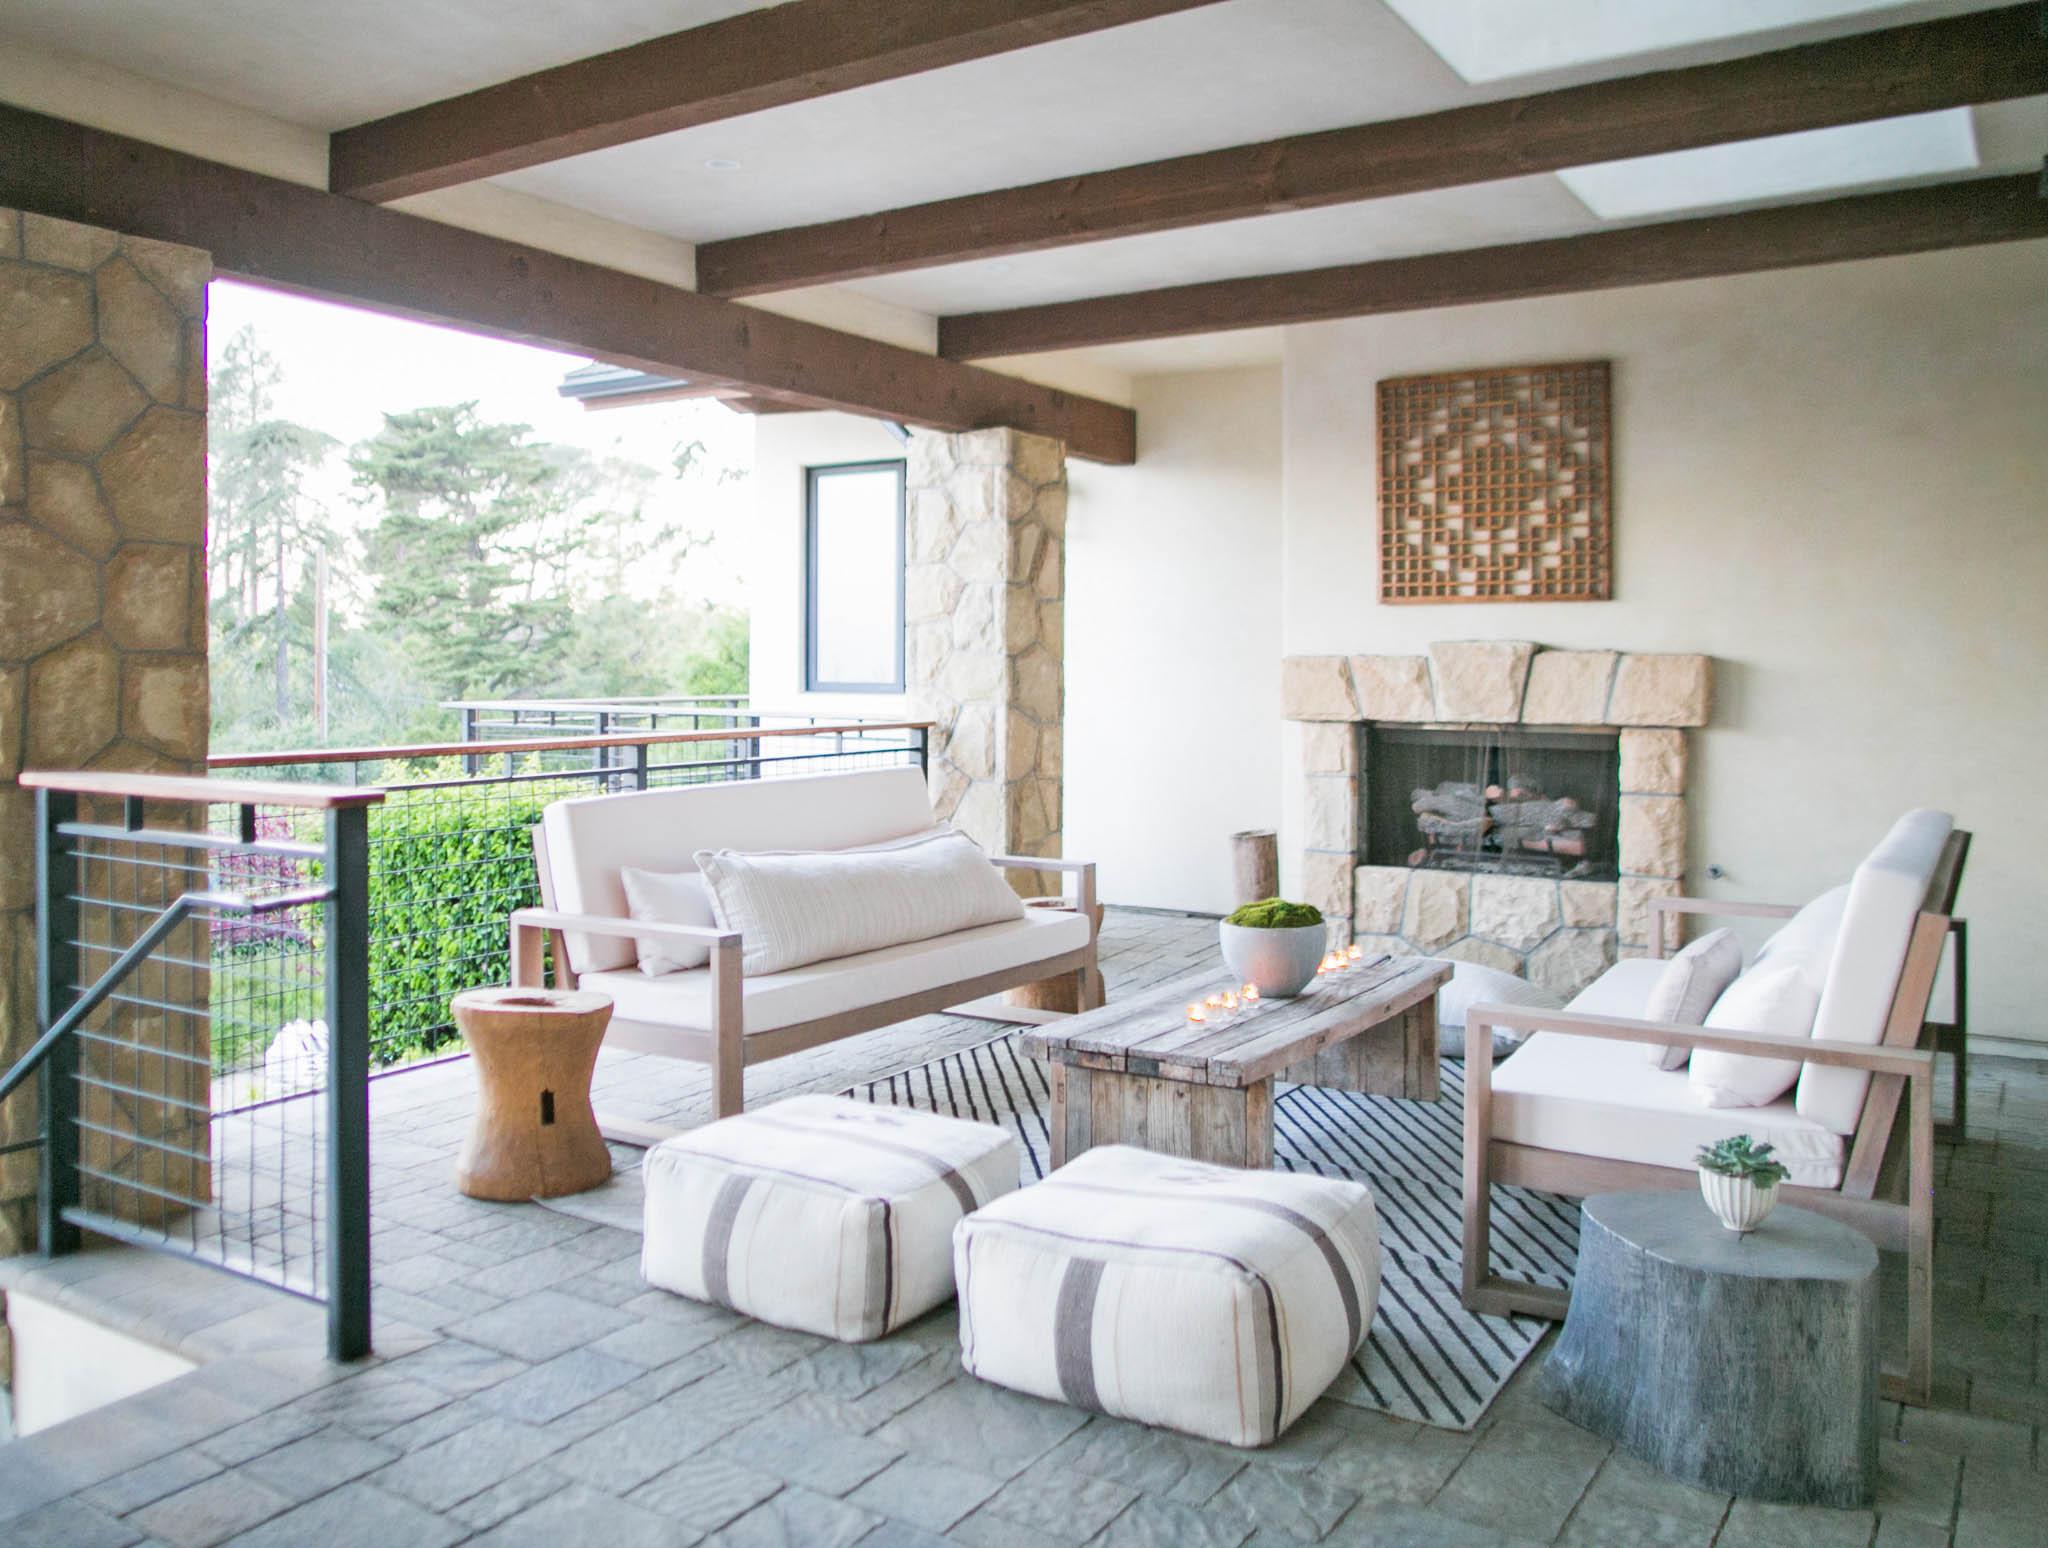 Jodi G Designs Santa Barbra Interior Designer Las Alturas-71.jpg